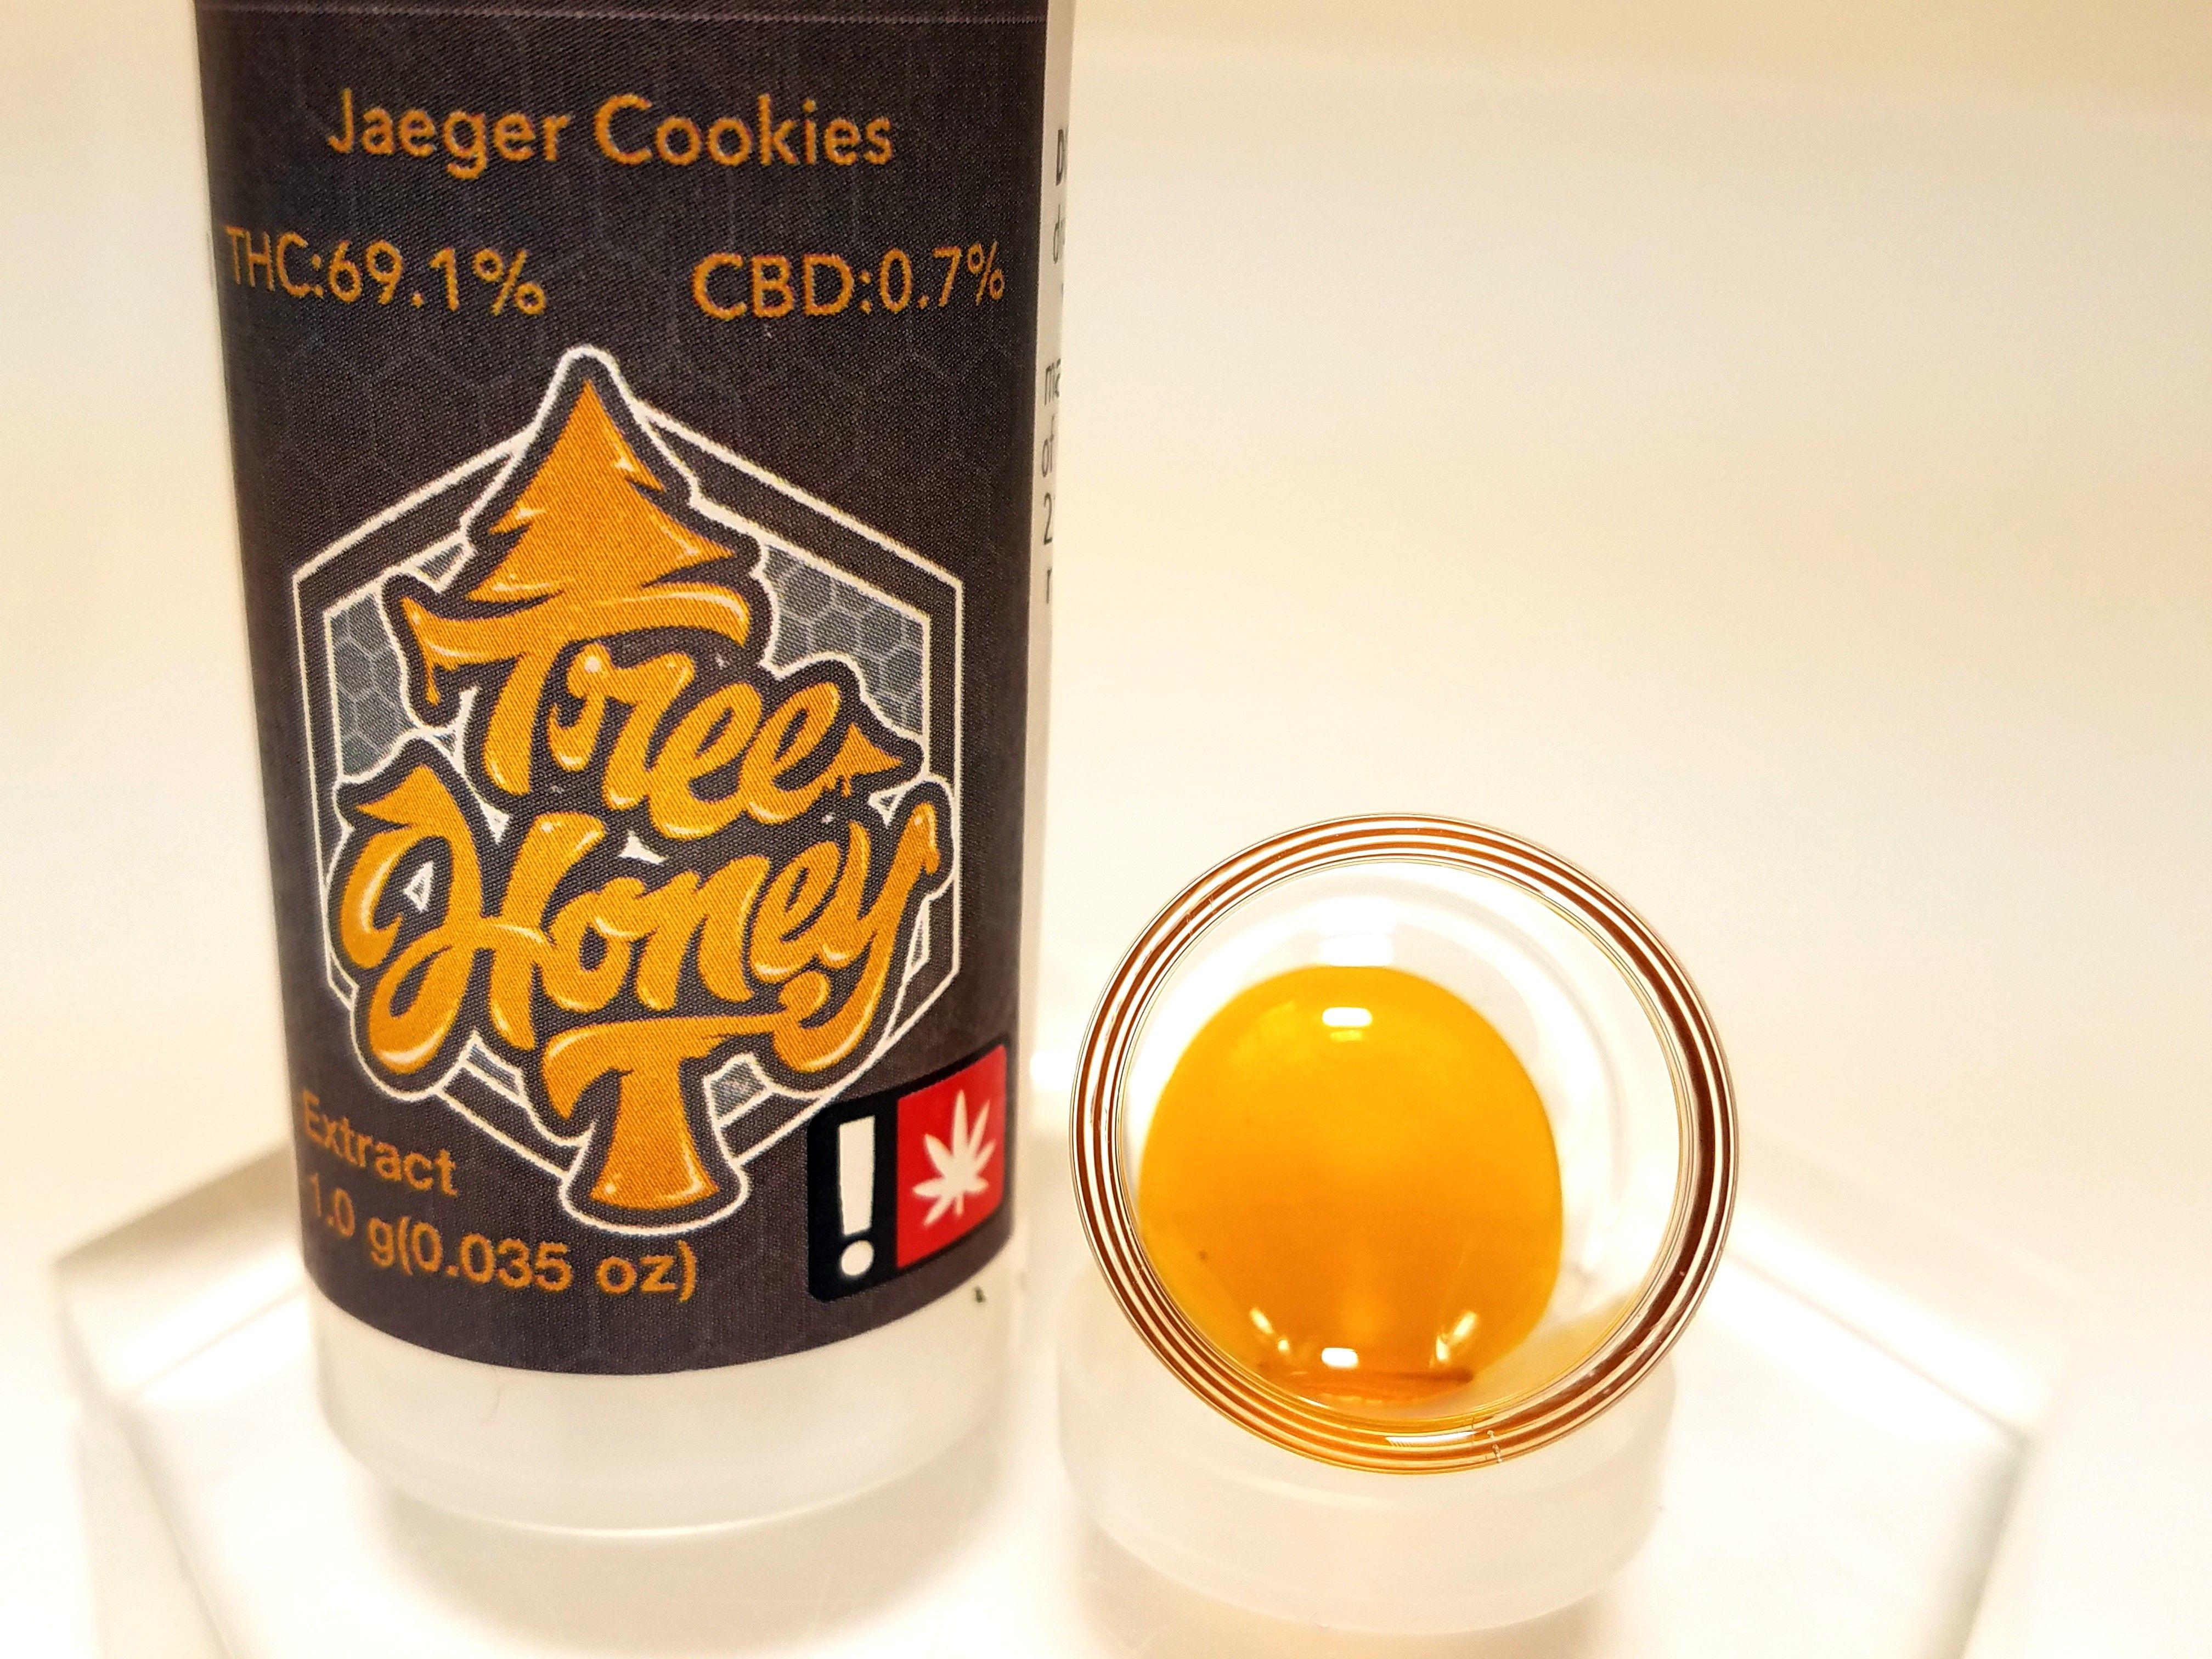 Tree Honey - Jaeger Cookies, Indica, Pull-n-snap